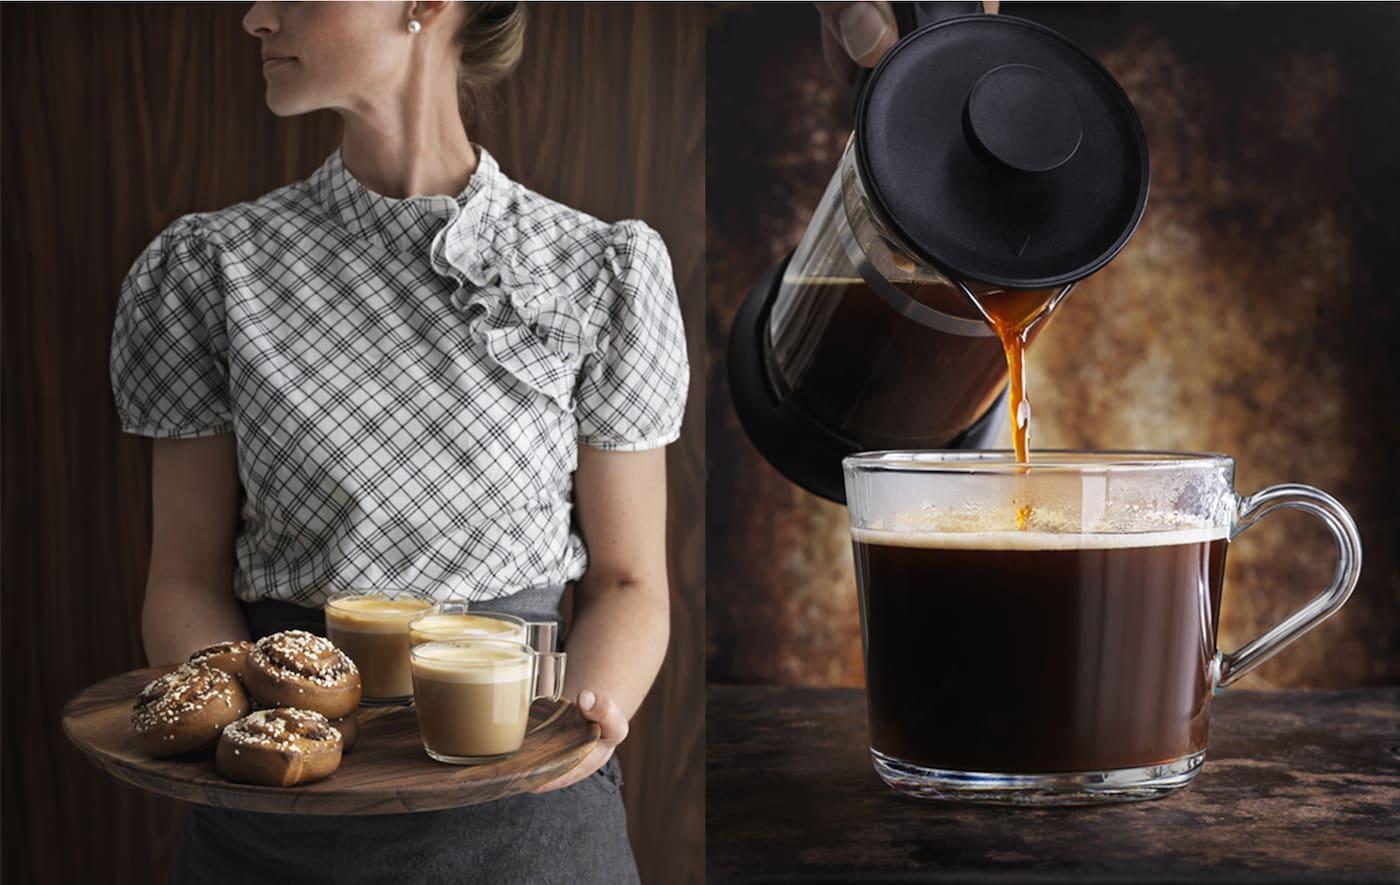 一位女性端着一托盘肉桂面包和咖啡。特写:咖啡正被倾入玻璃杯中。